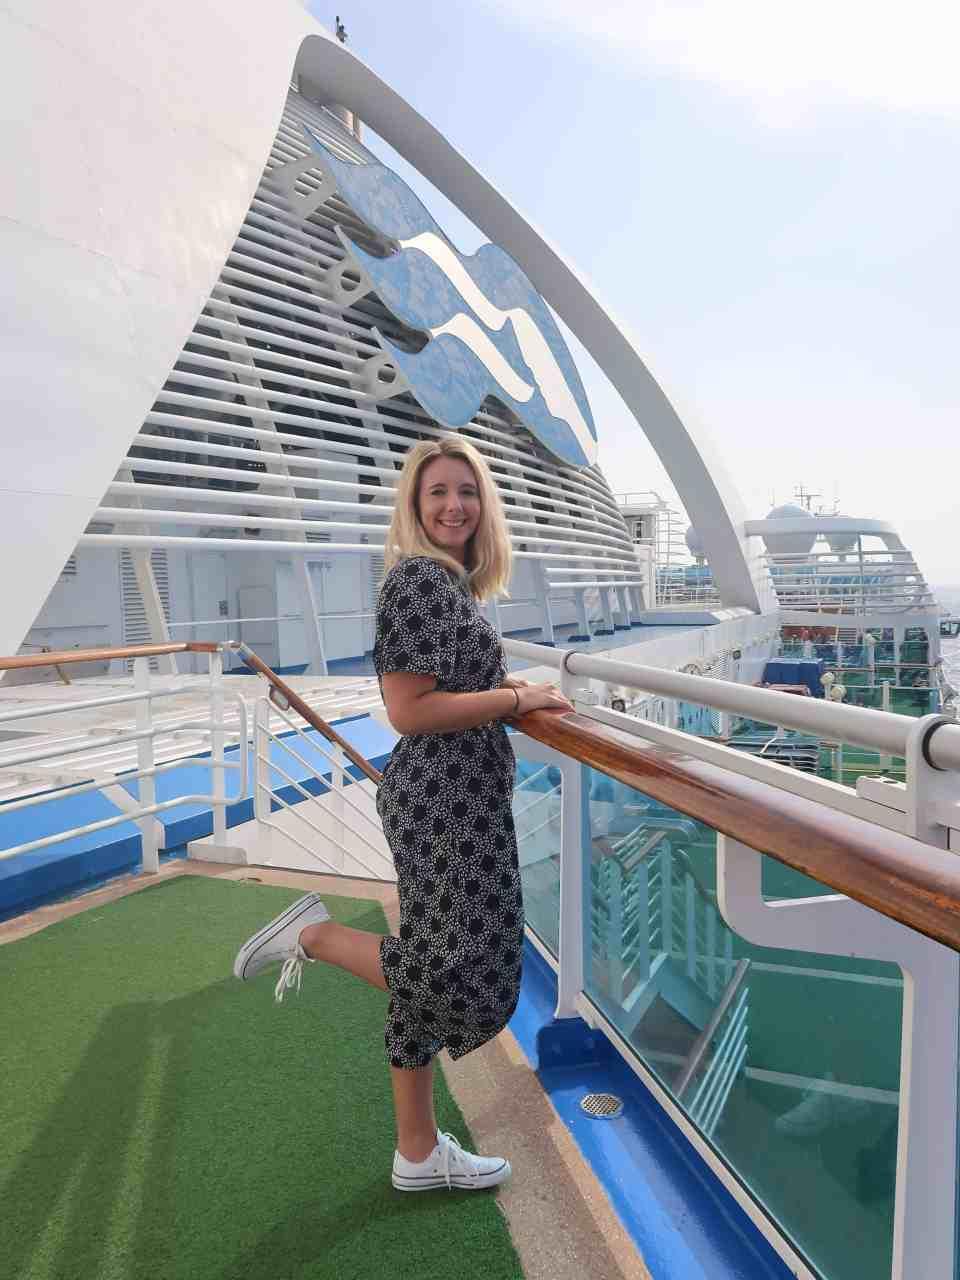 Crown Princess Princess Cruise